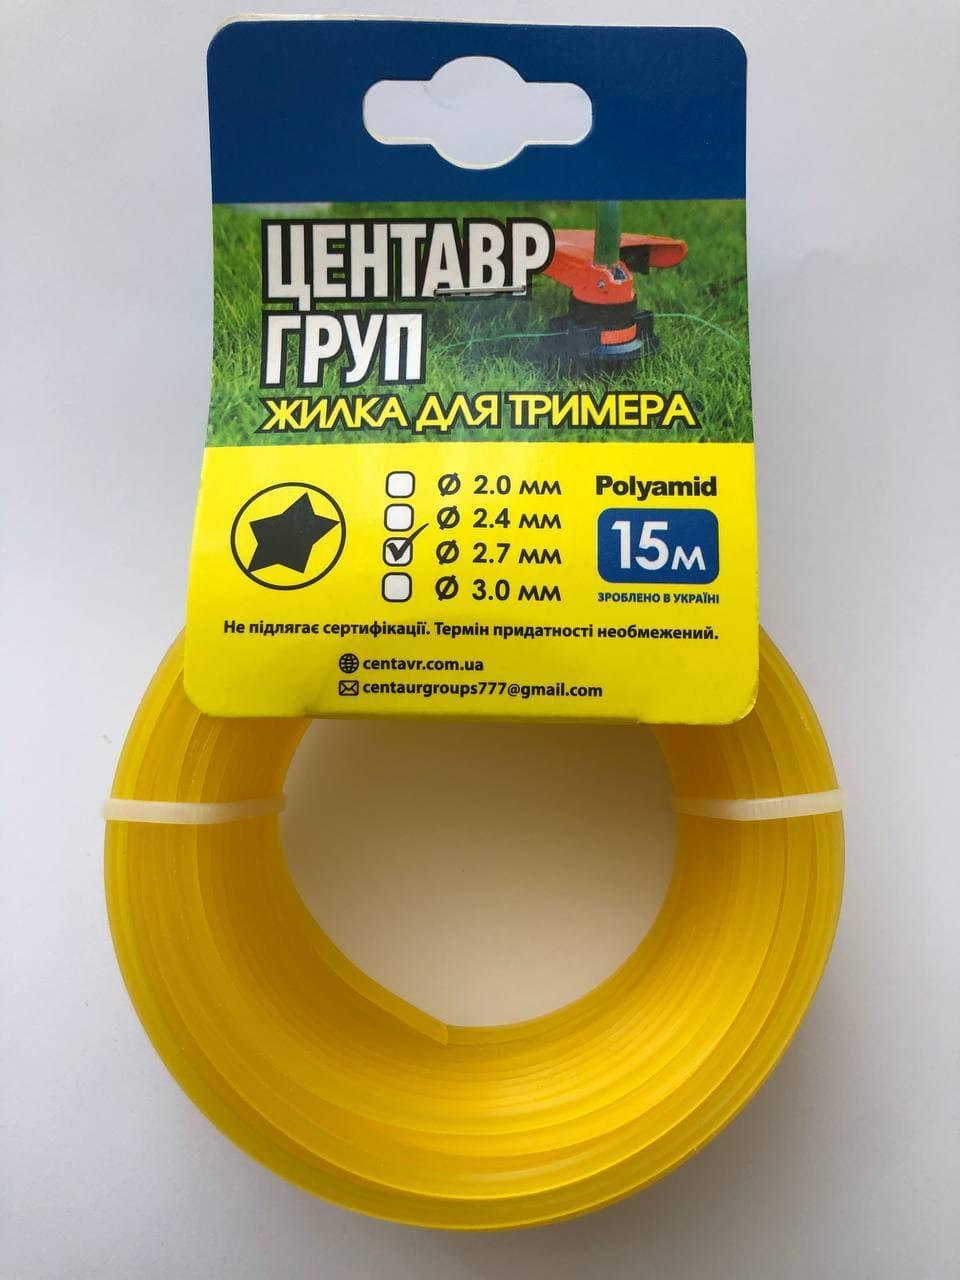 Леска для триммера круг из нейлона 3 мм 15 метров производство Украина